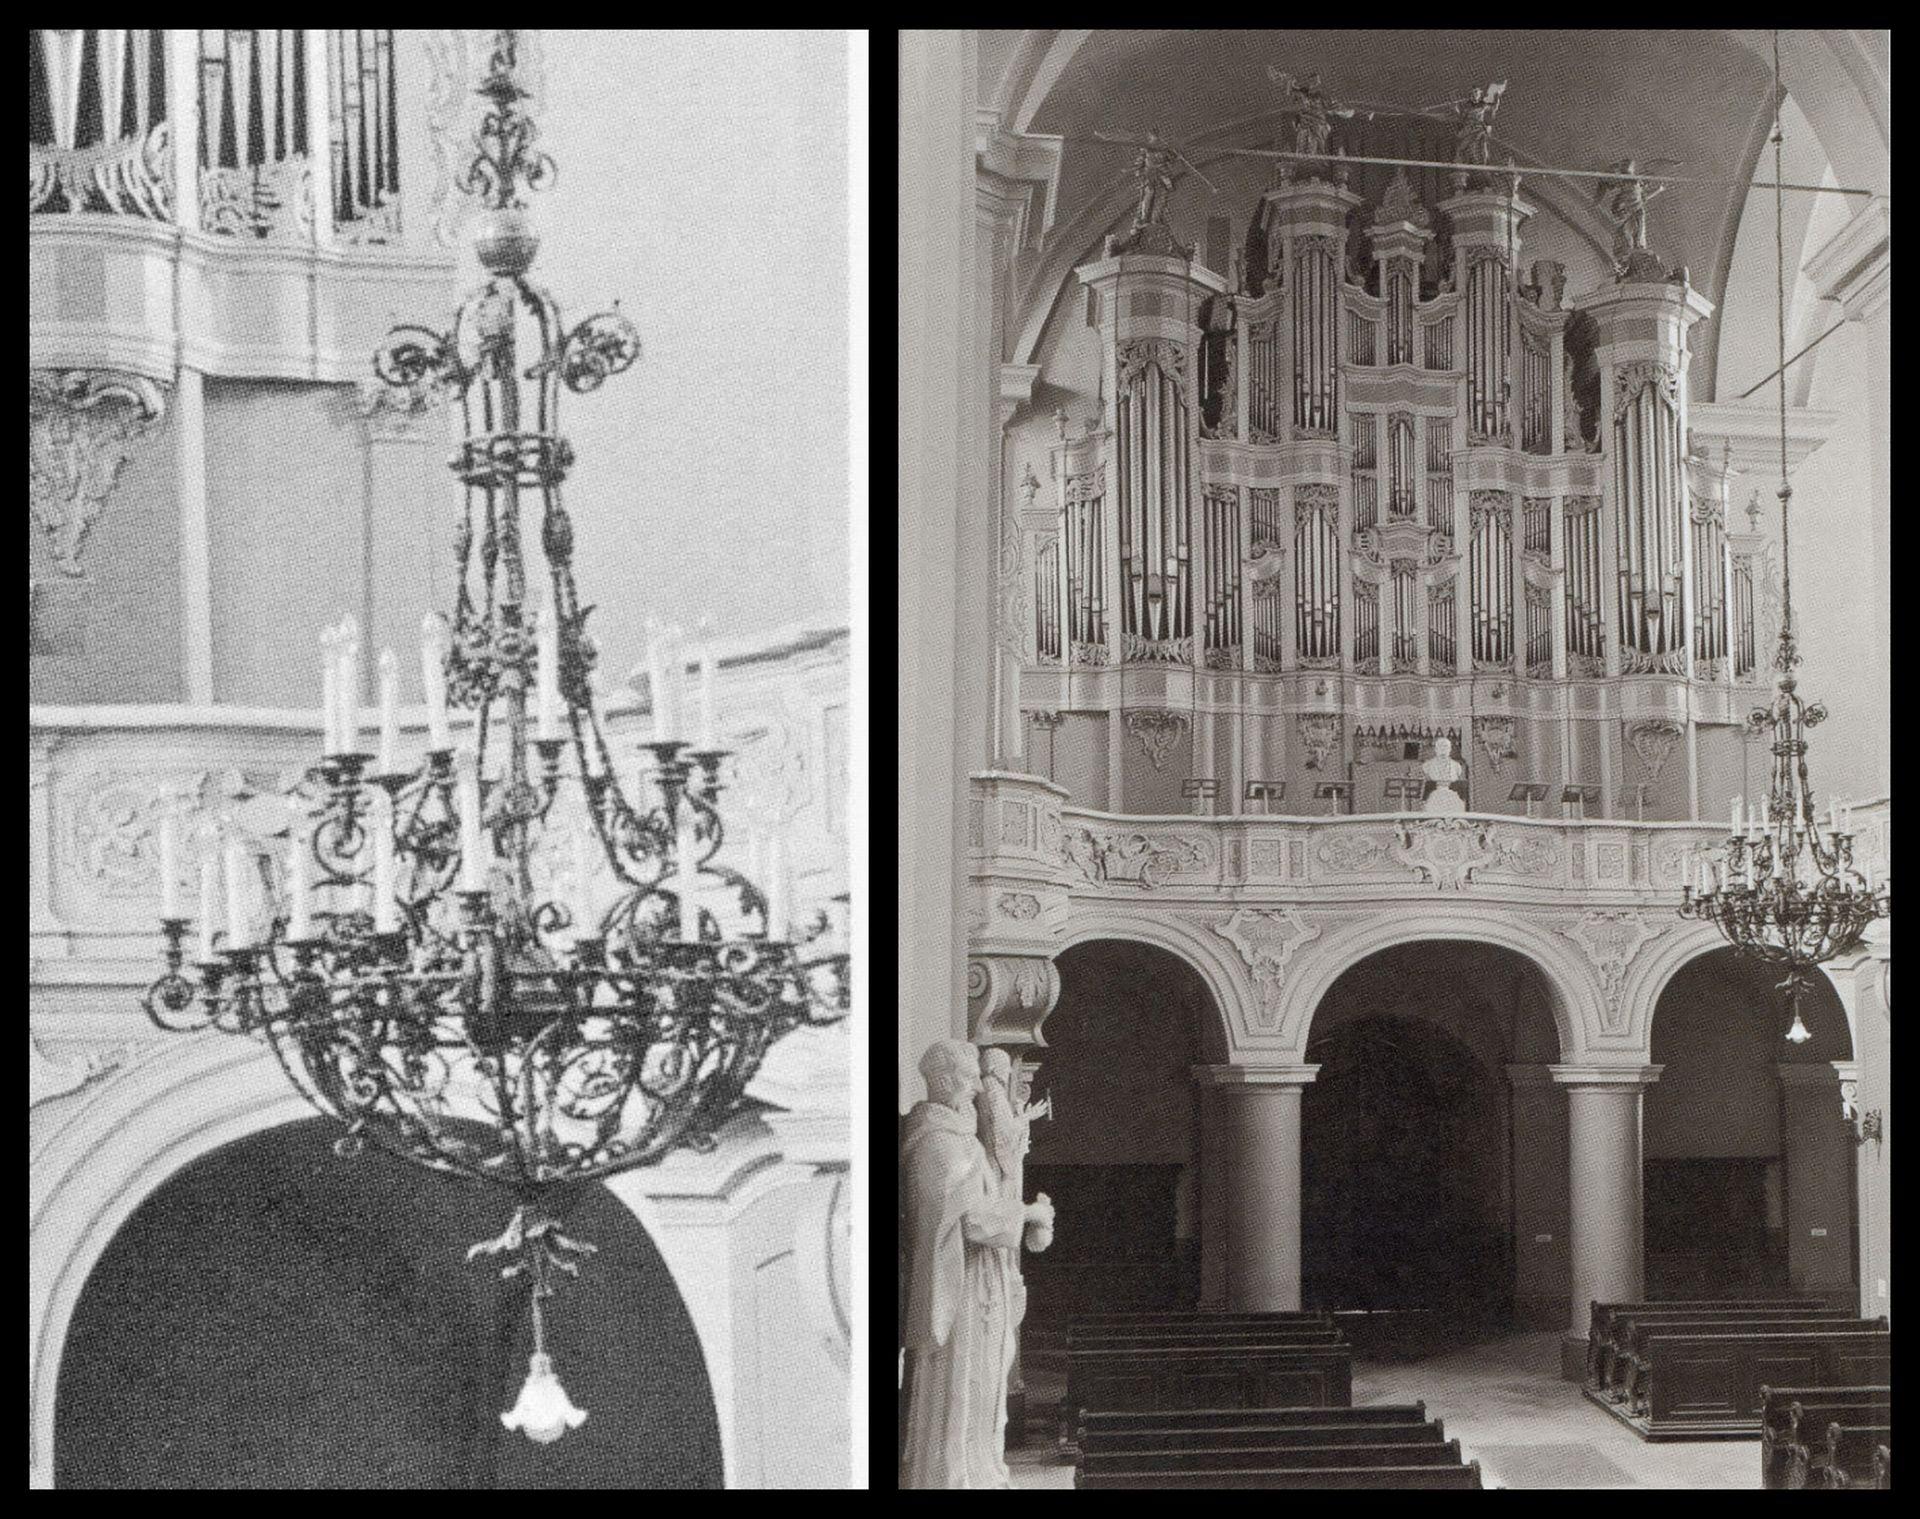 Lost chandelier. Photo by Jan Bułhak, 1912–1915, Vilnius, from: Jan Bułhak, Vilnius, II knyga, sudarė Jūratė Gudaitė, Vilnius: Lietuvos nacionalinis muziejus, 2013, il. 247